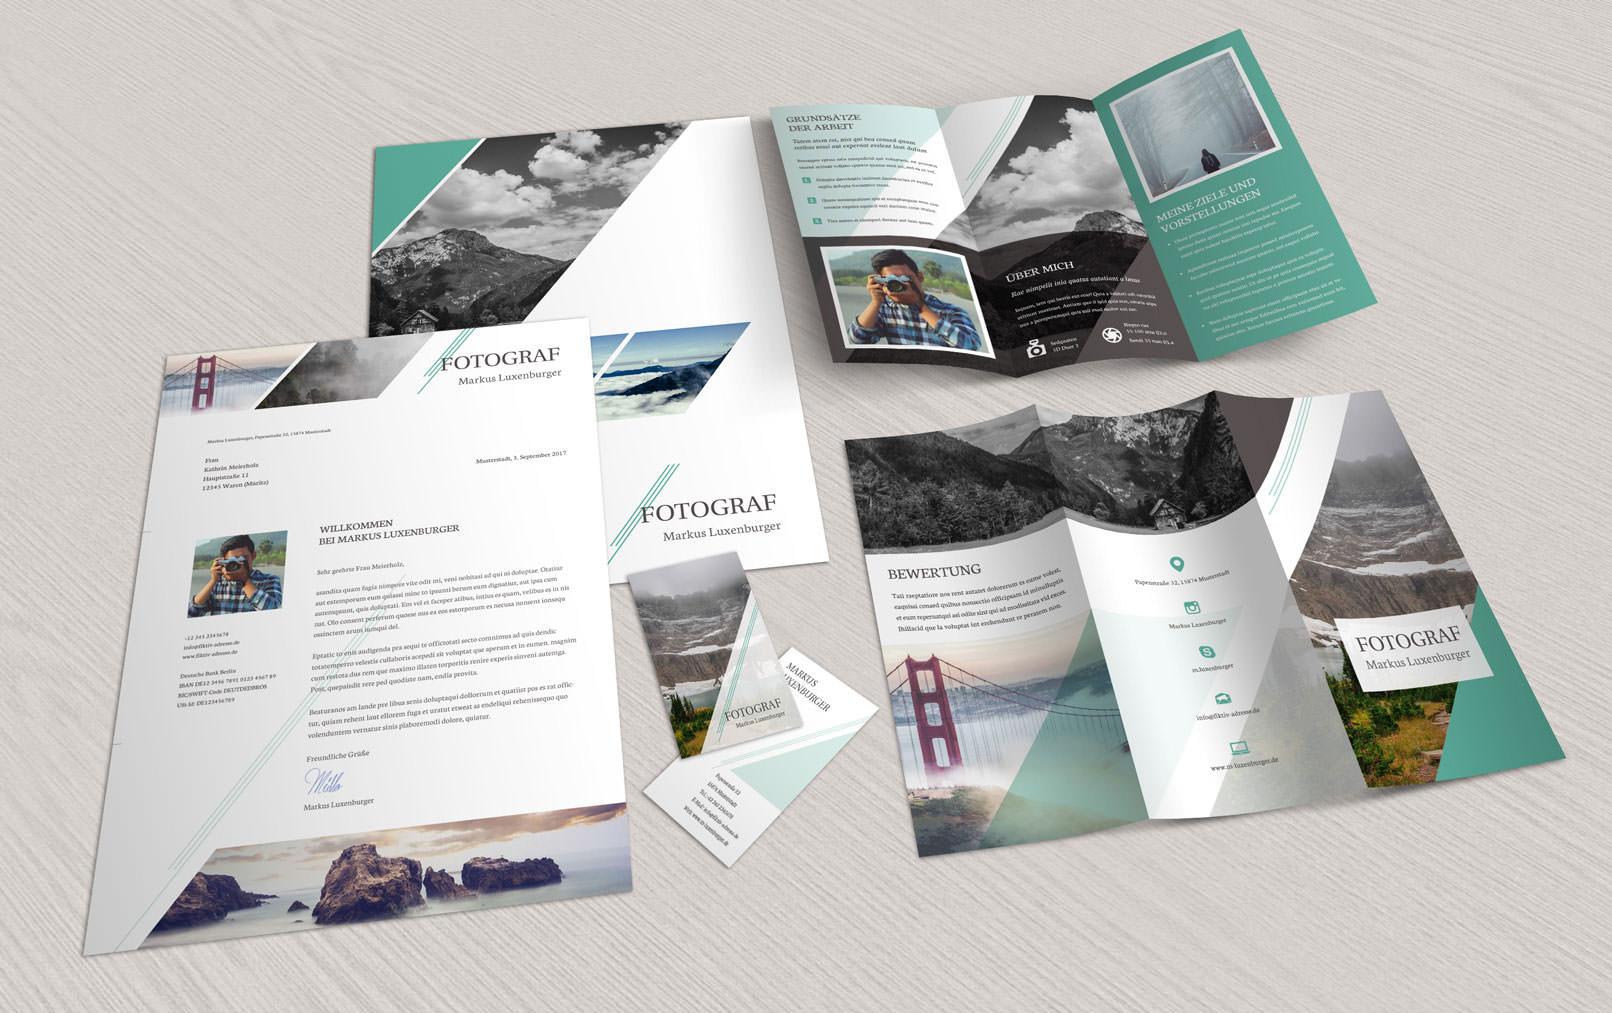 Vorlagen im Corporate Design für Fotografen und Designer: Flyer, Briefpapier, Visitenkarten